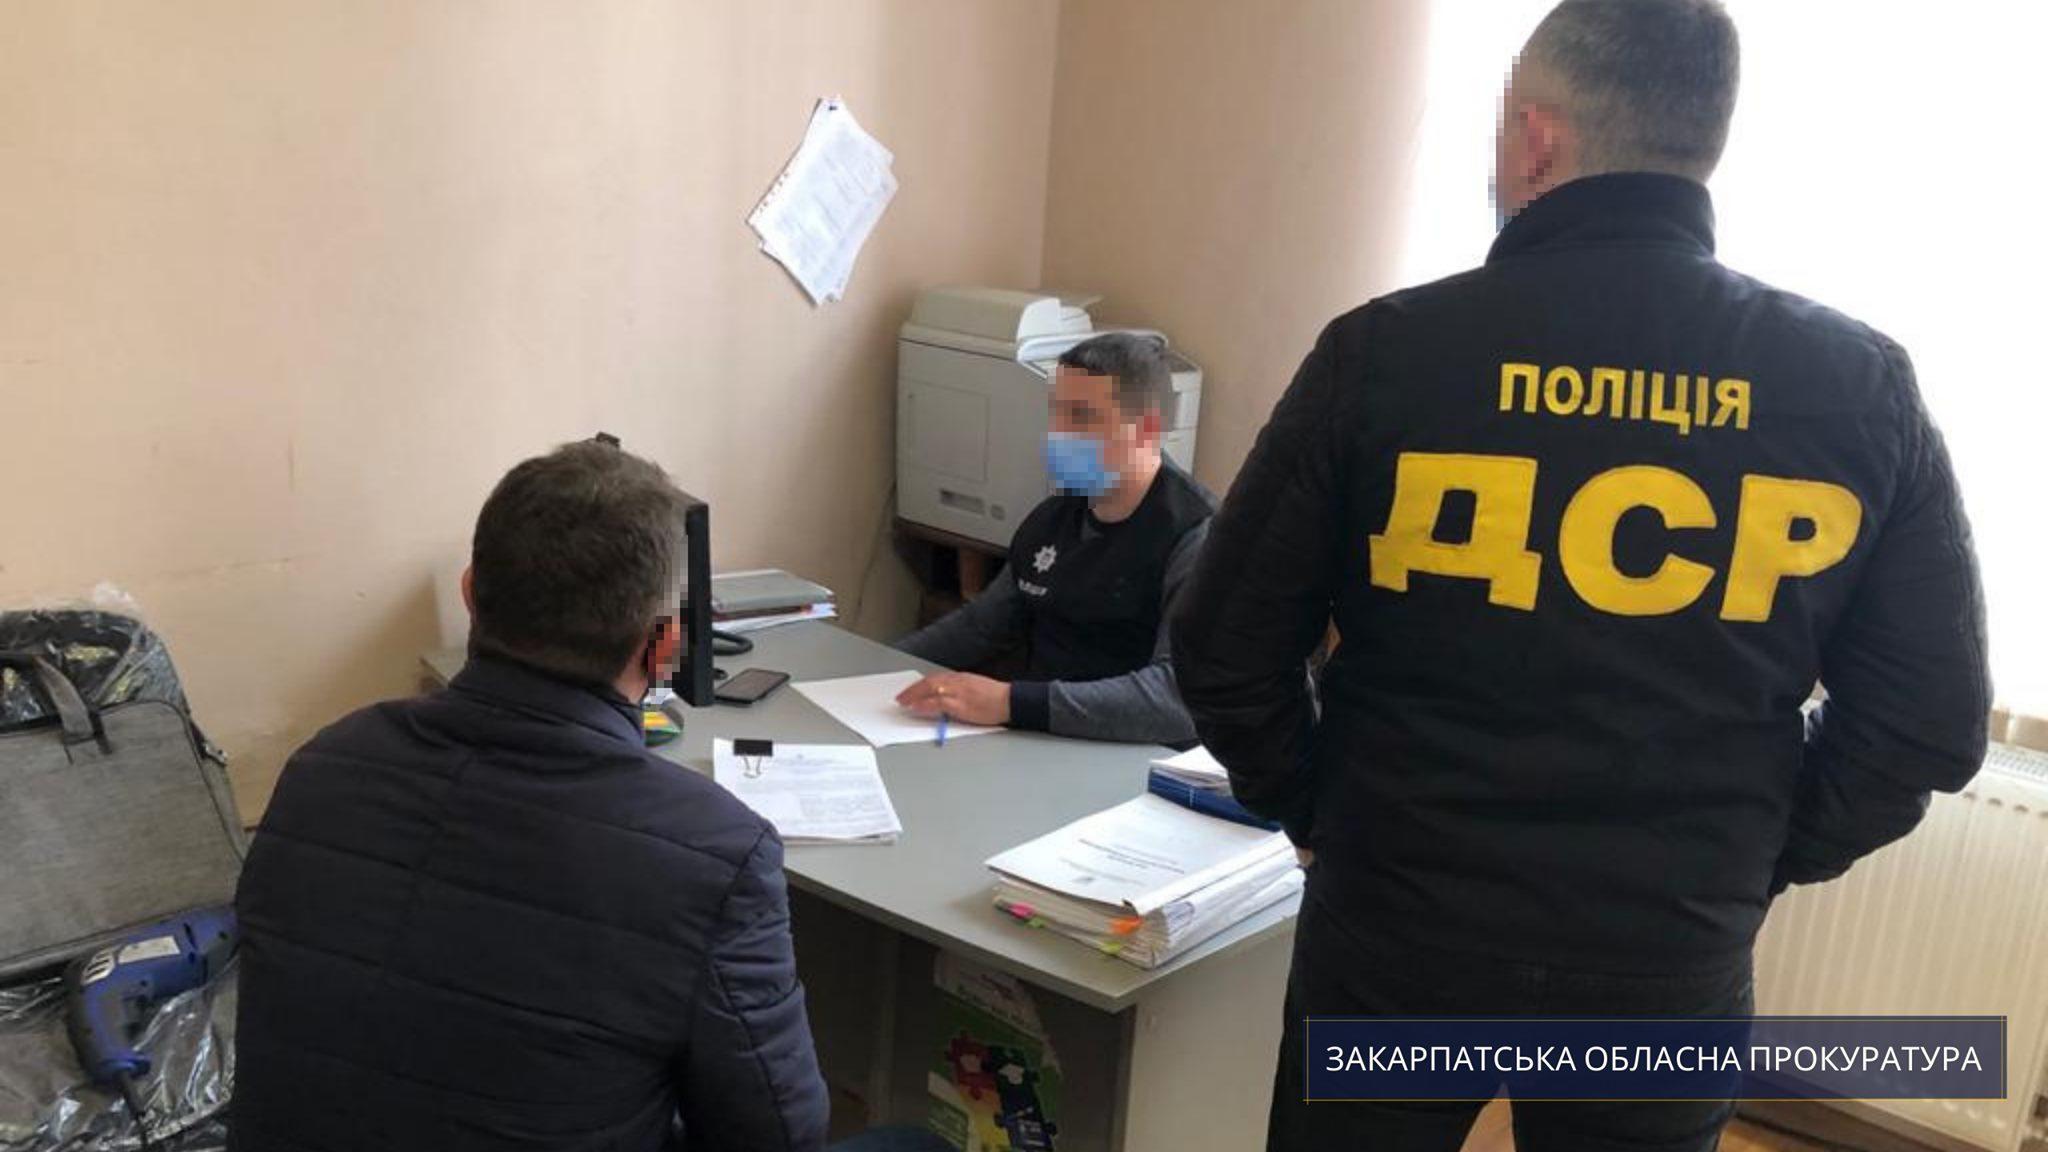 Про це повідомляє пресслужба Закарпатської обласної прокуратури